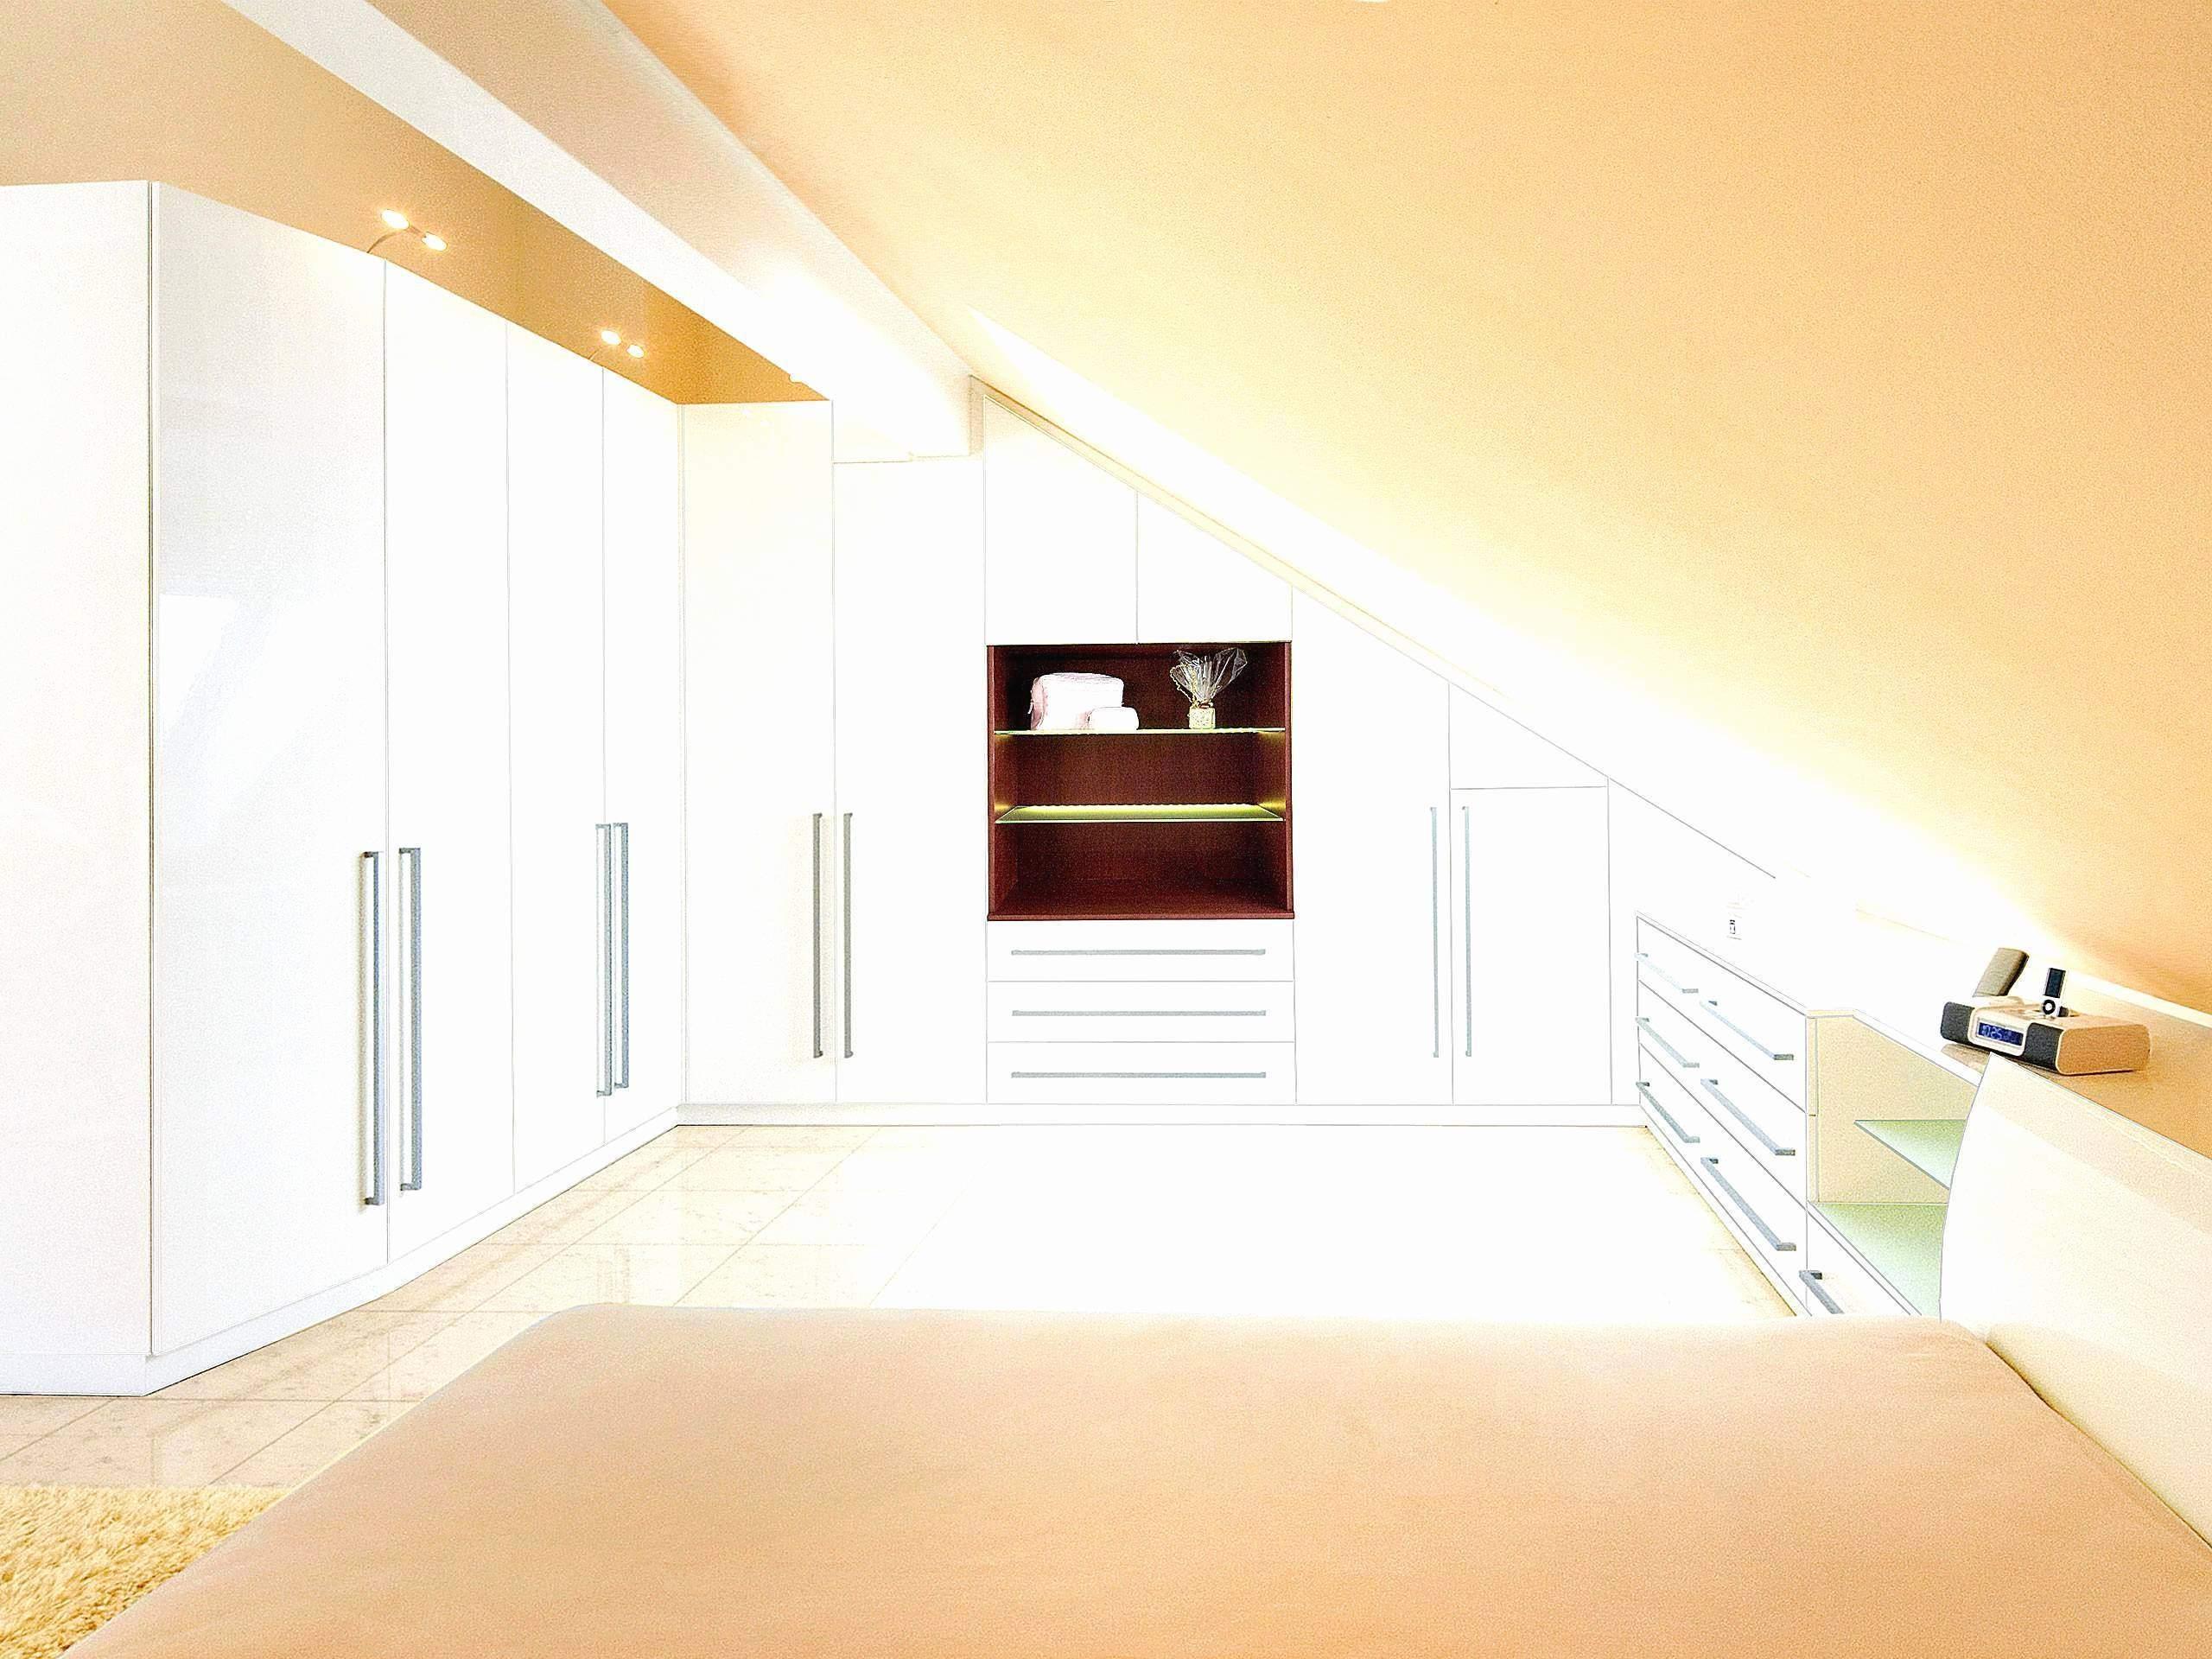 kabelkanal wohnzimmer inspirierend reizend kabelkanal wohnzimmer of kabelkanal wohnzimmer 1